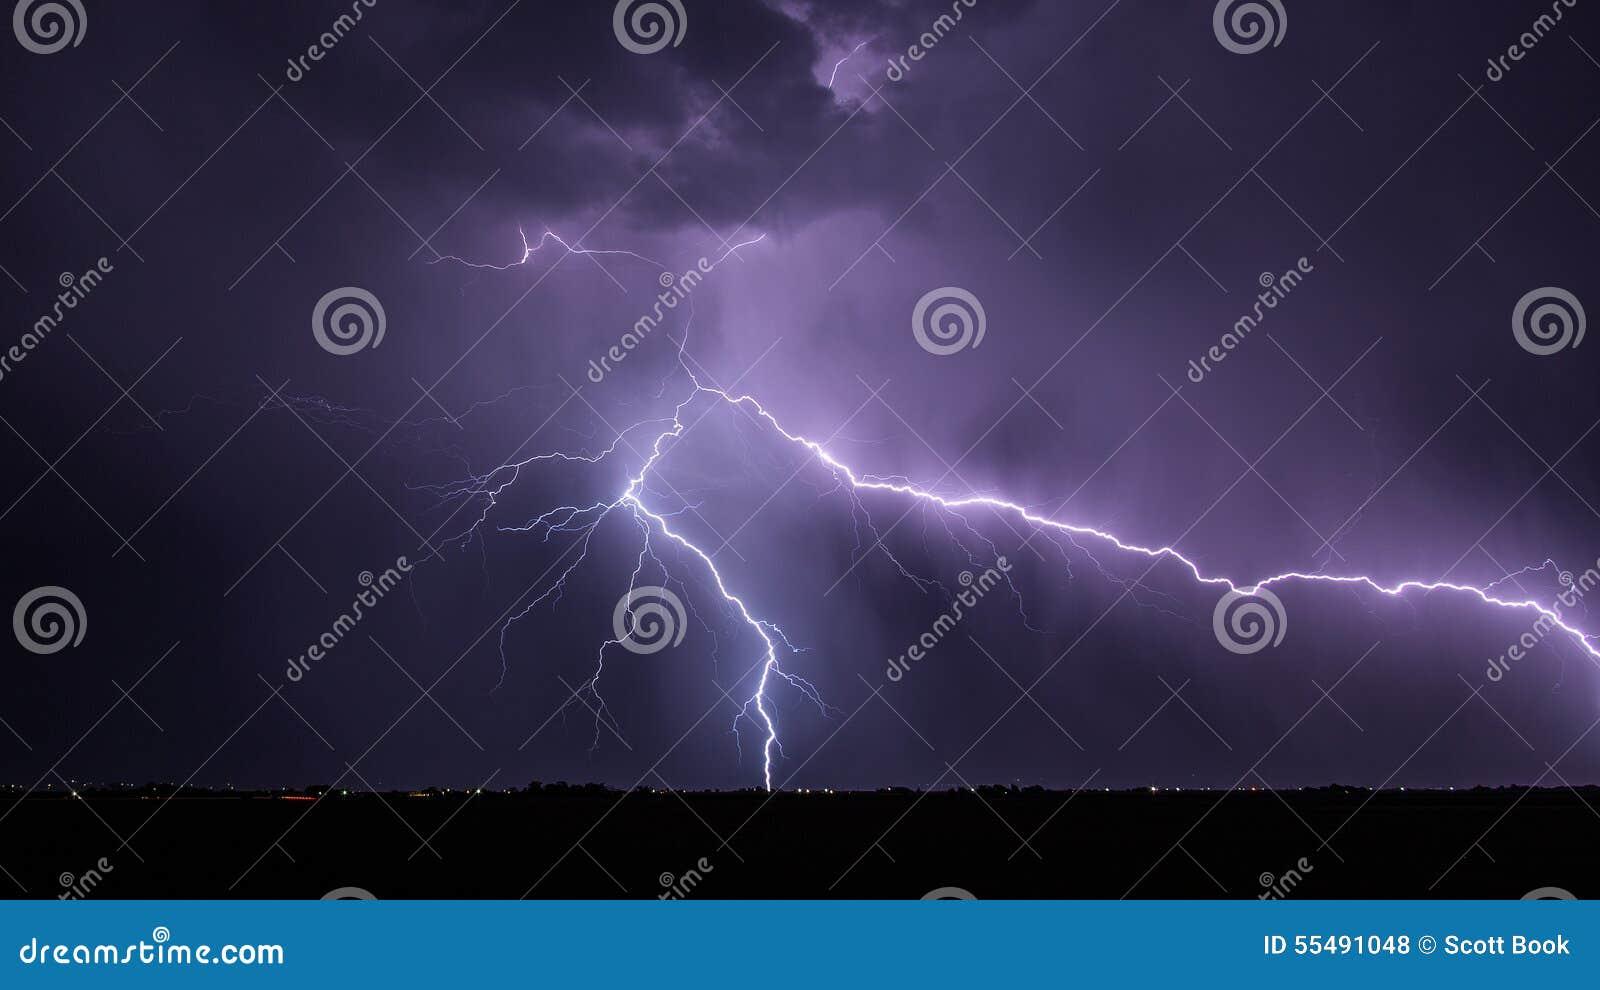 Major Lightning Strike